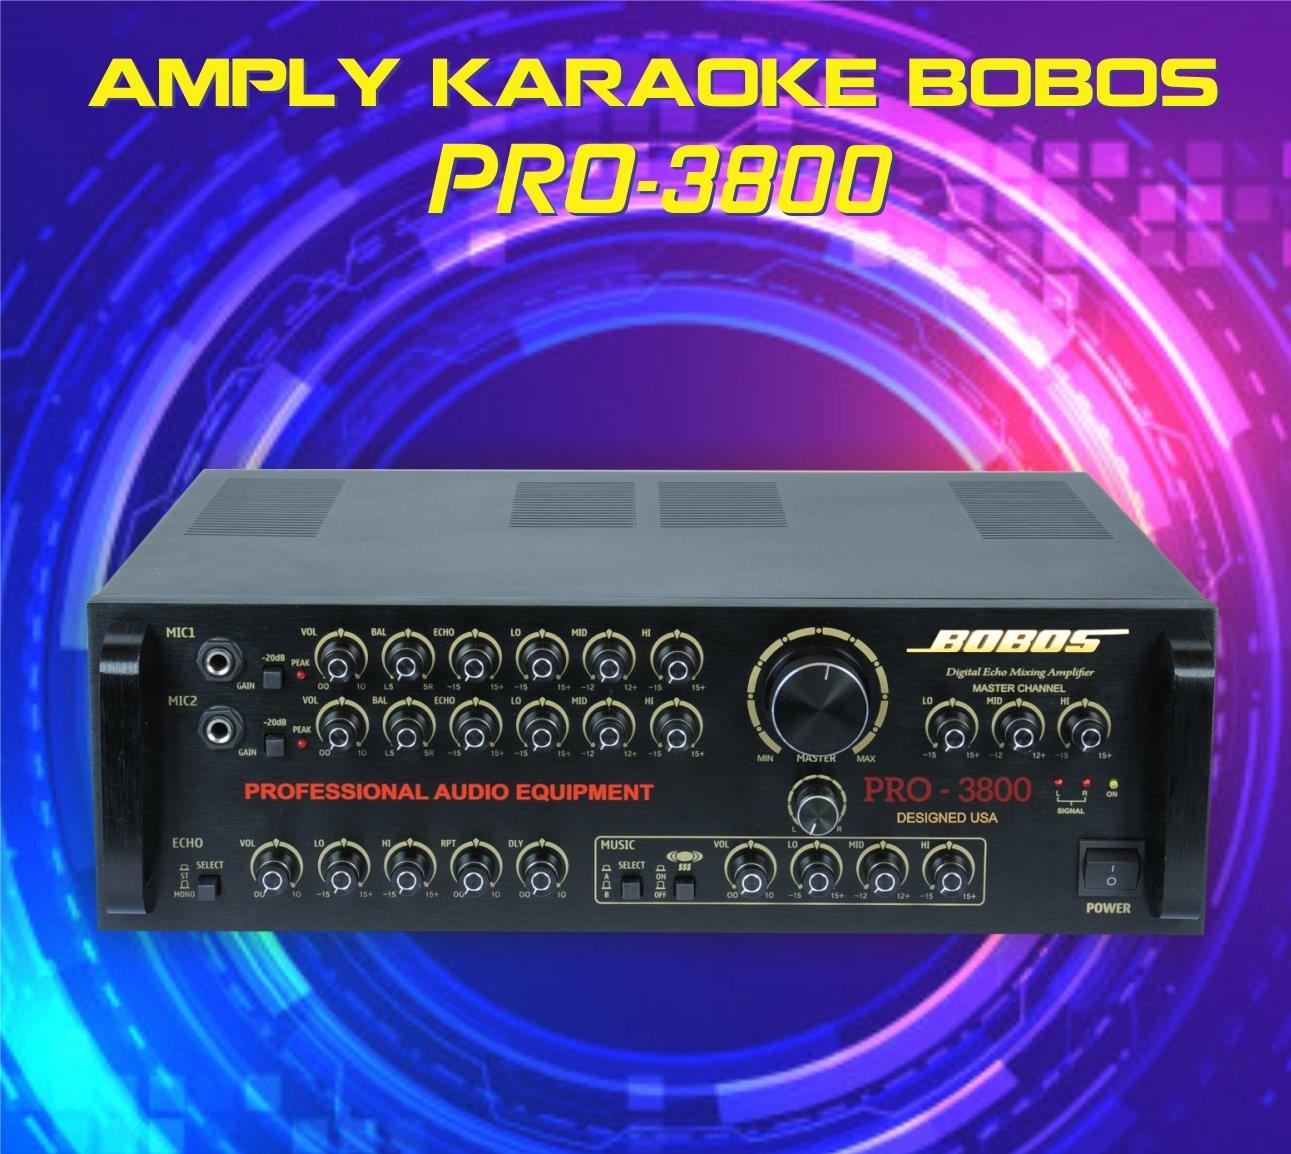 Amply karaoke BOBOS PRO-3800 (Hàng chính hãng)